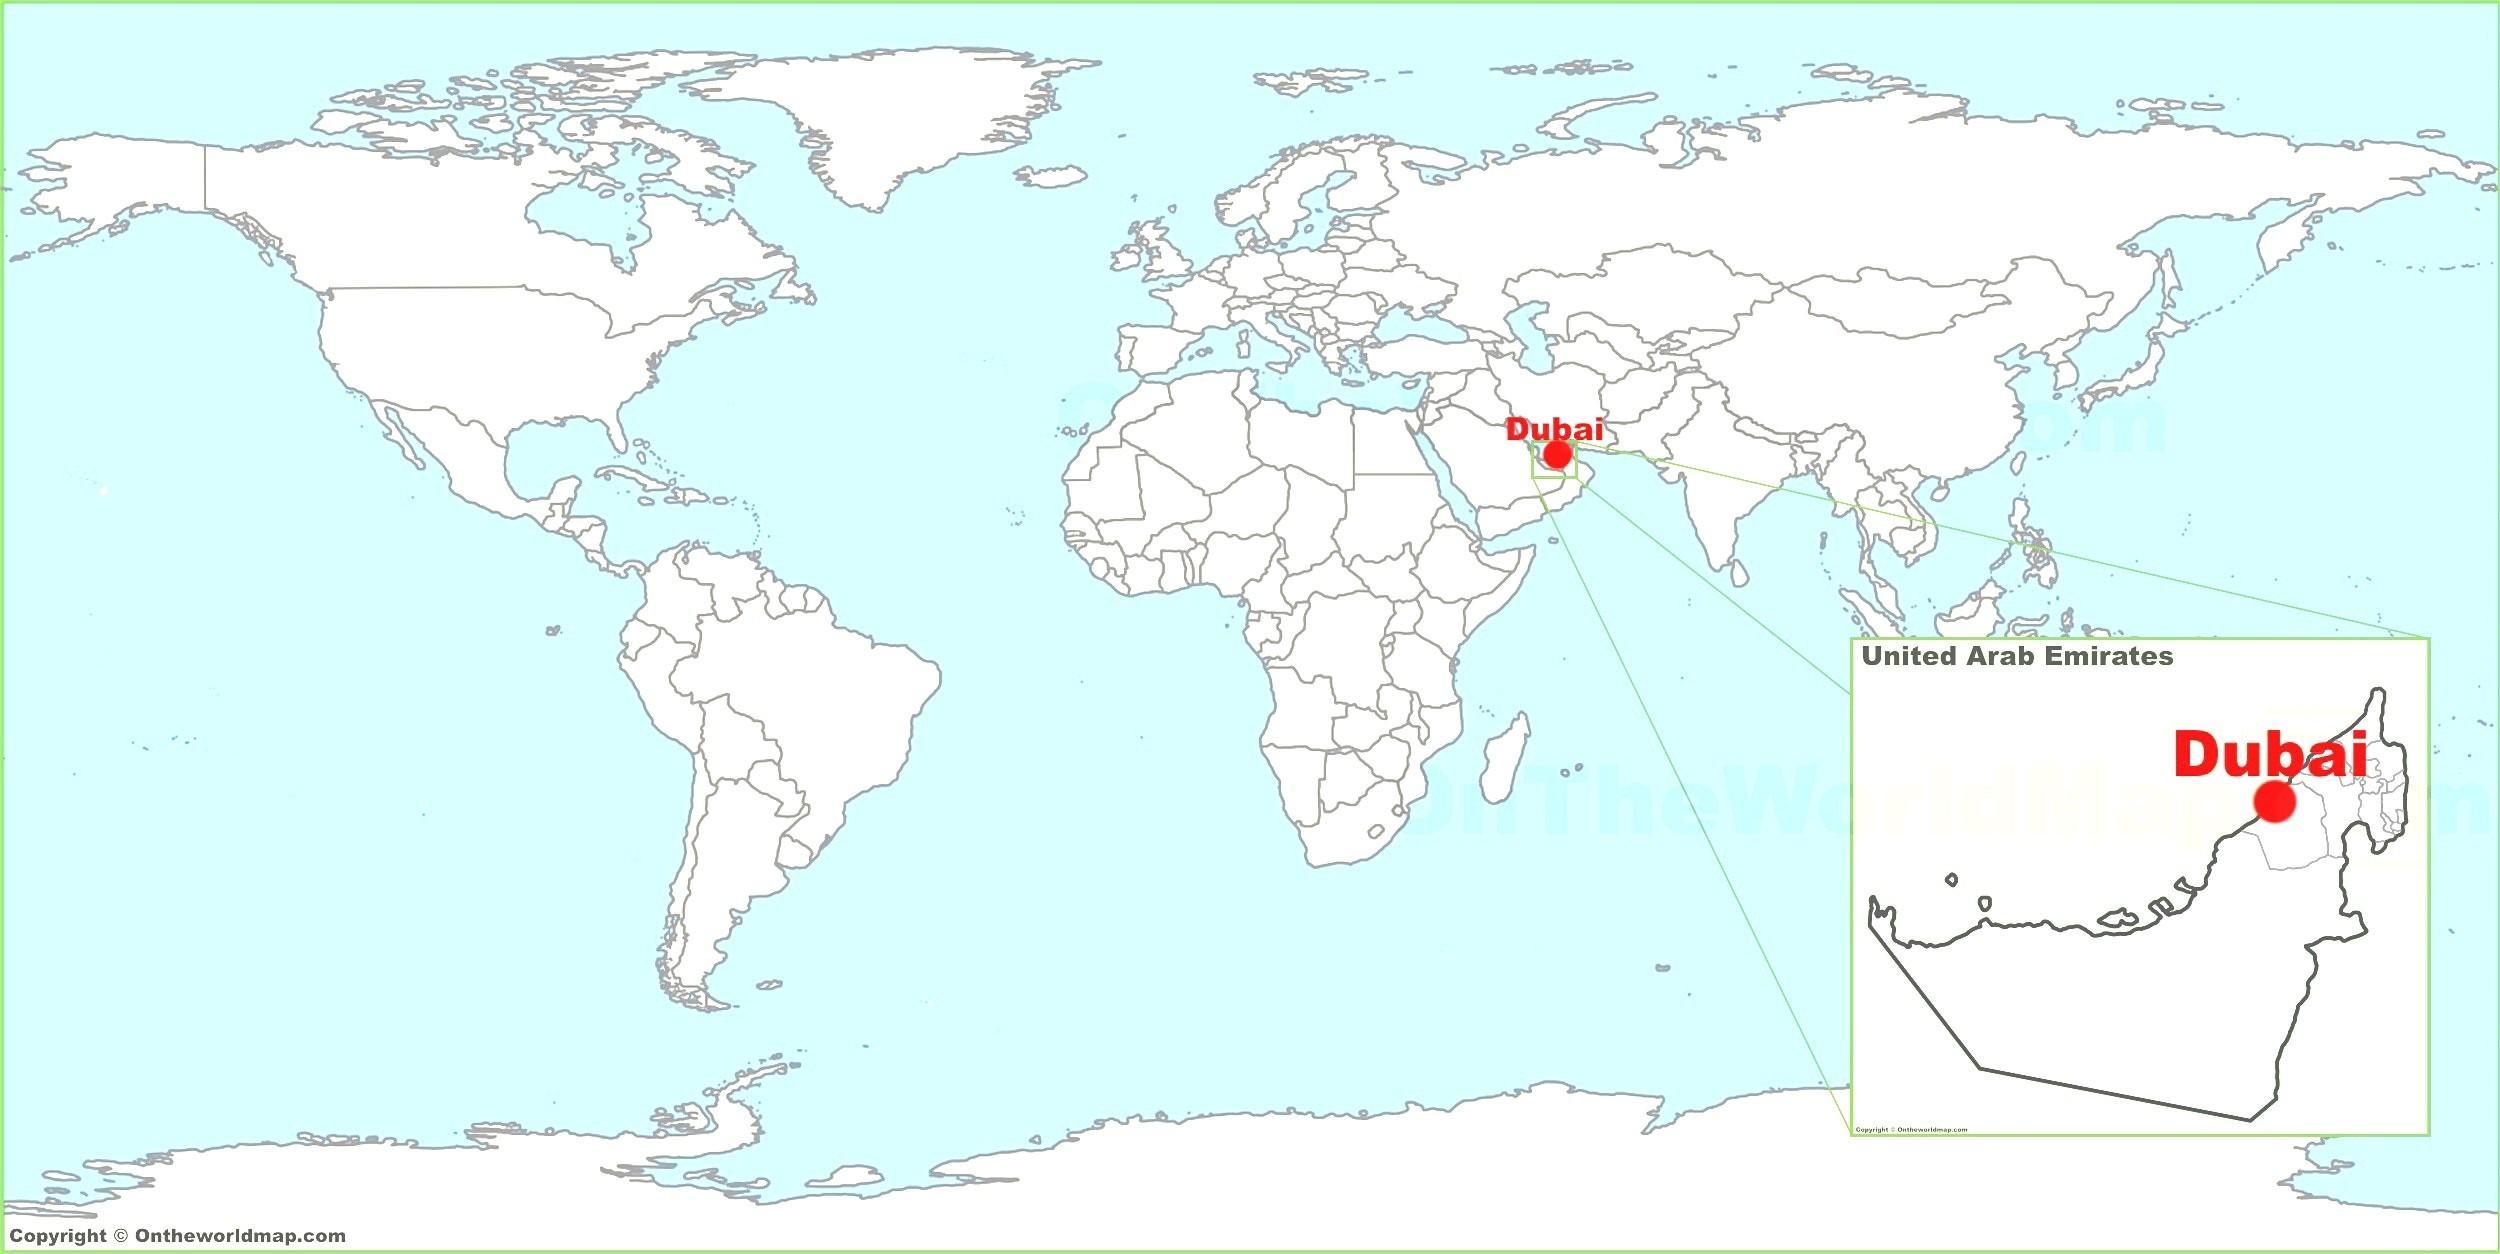 Dubai On World Map on